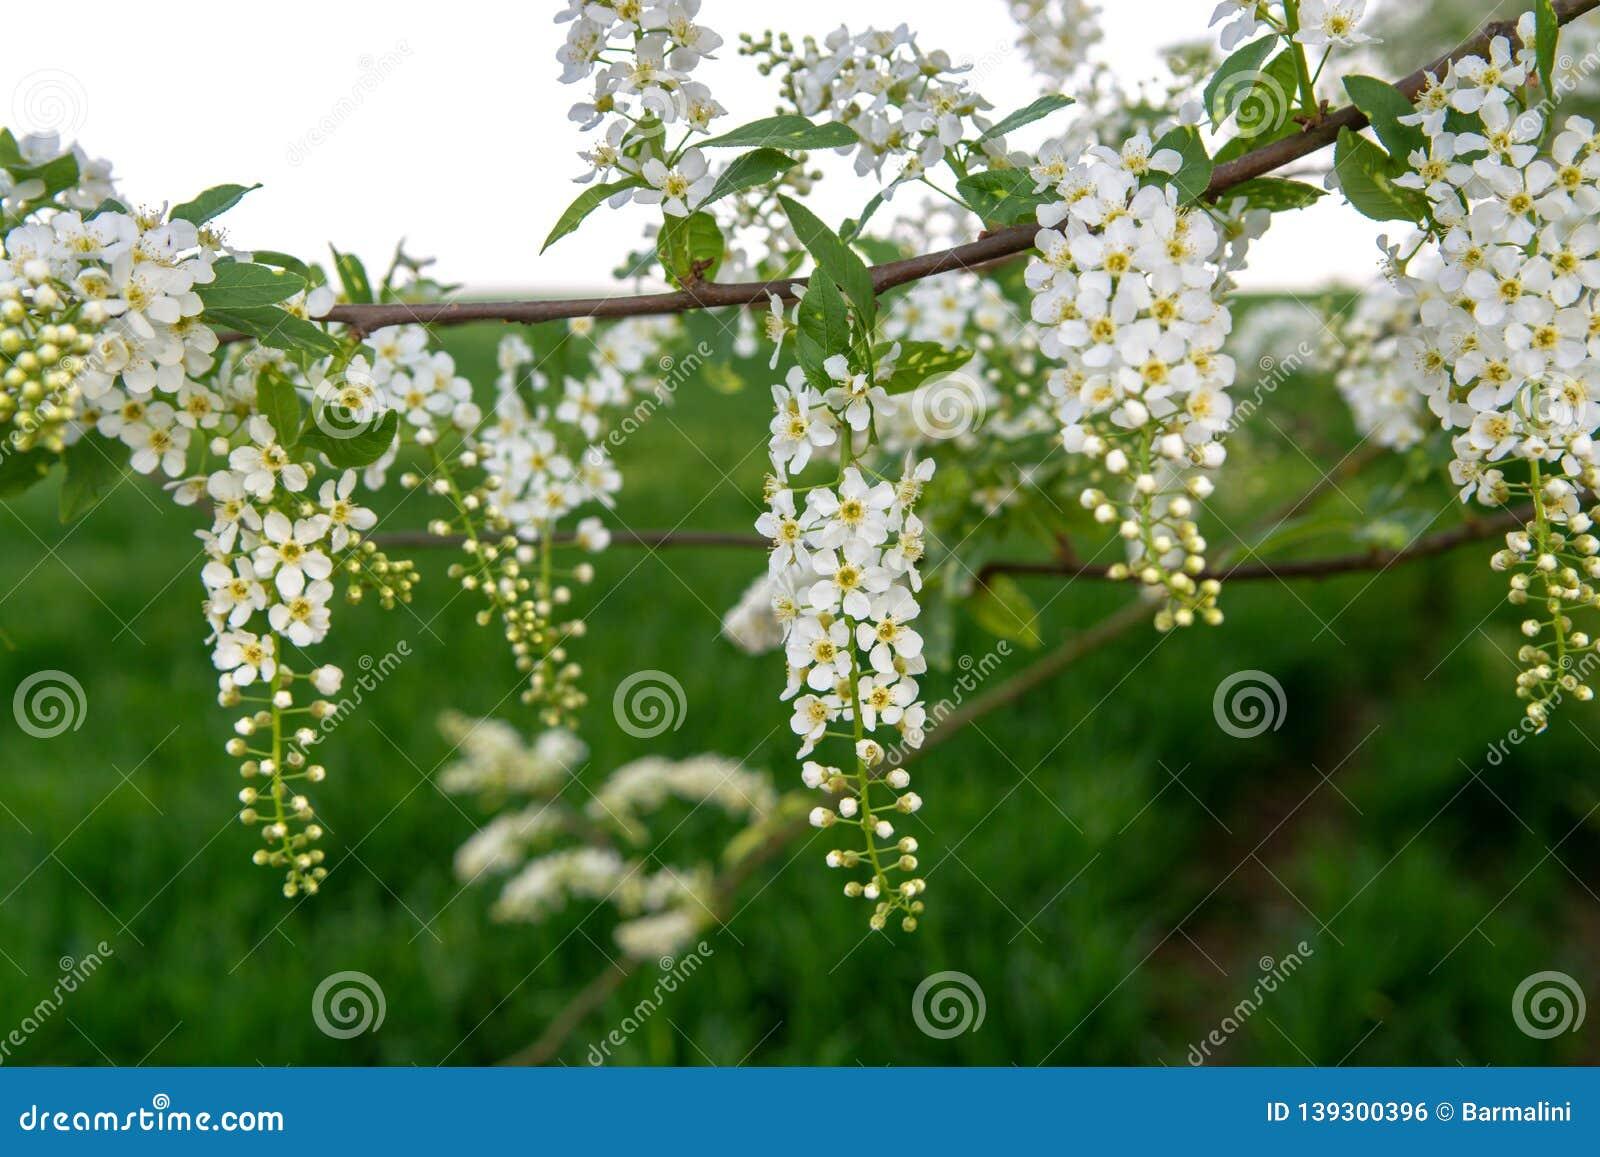 Albero Con Fiori Bianchi white scented blossom of bird-cherry tree stock photo